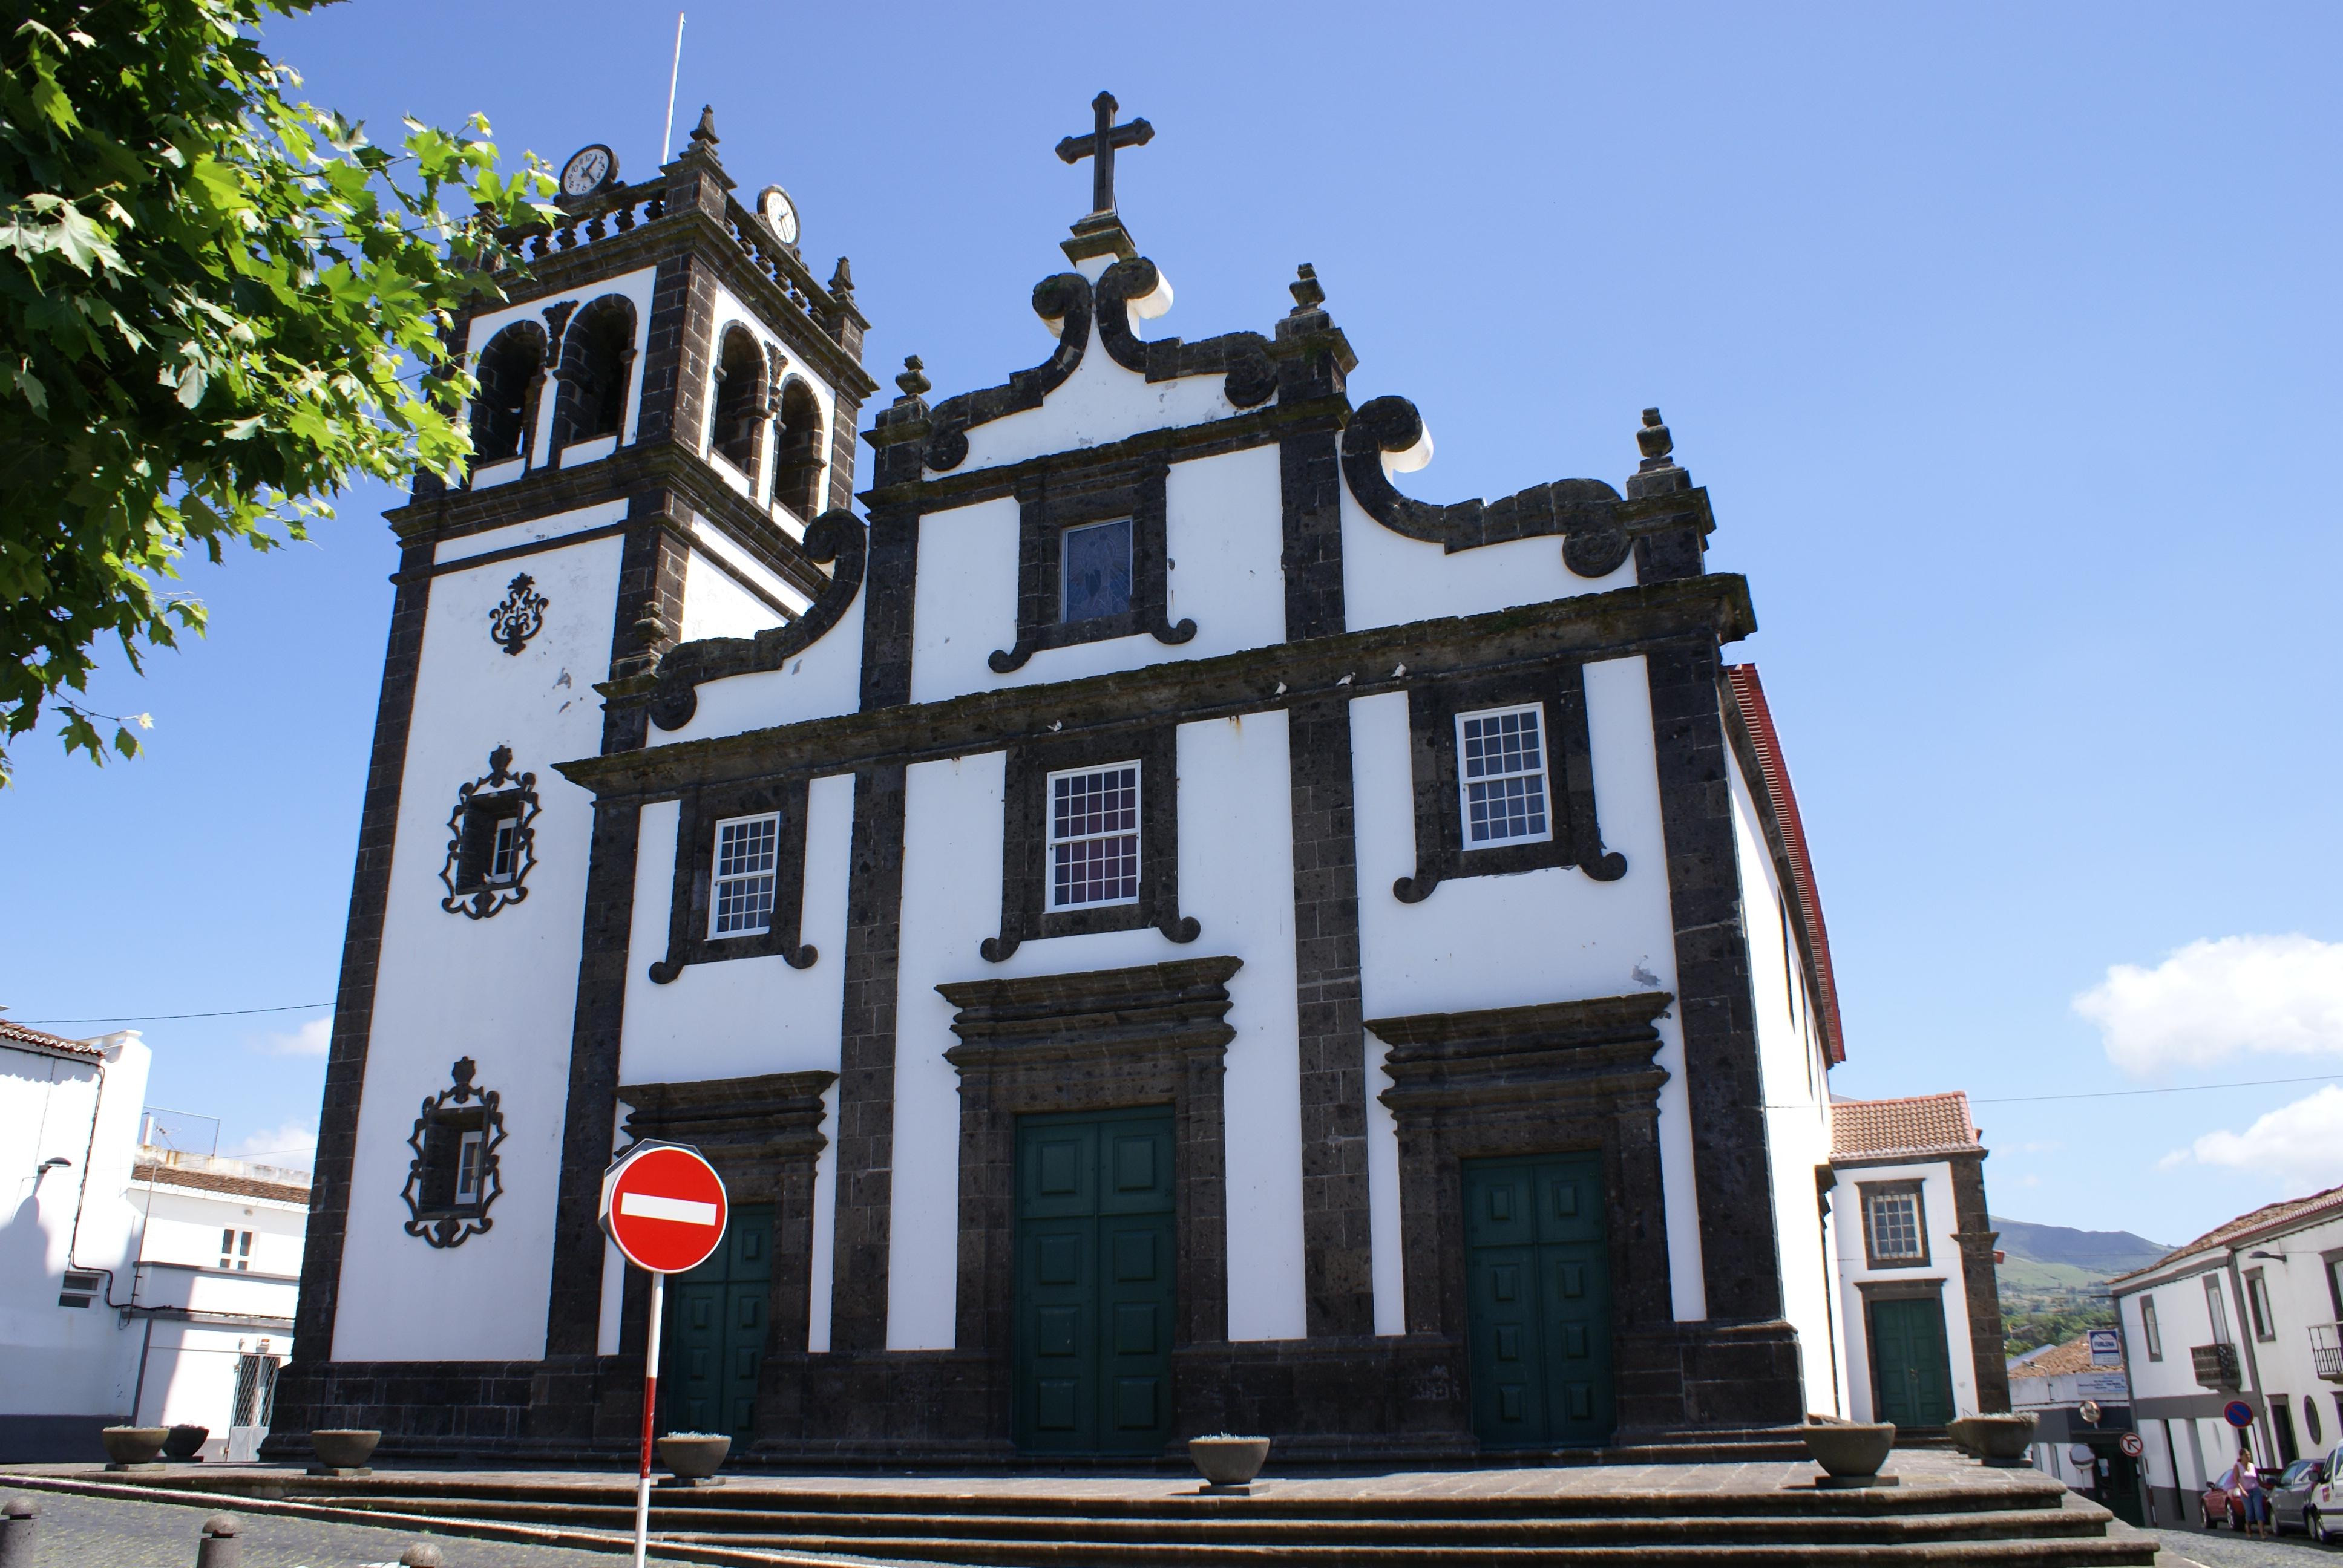 Rosario-Lagoa Portugal  city photos gallery : Igreja de Nossa Senhora do Rosário, fachada, Lagoa, ilha de São ...